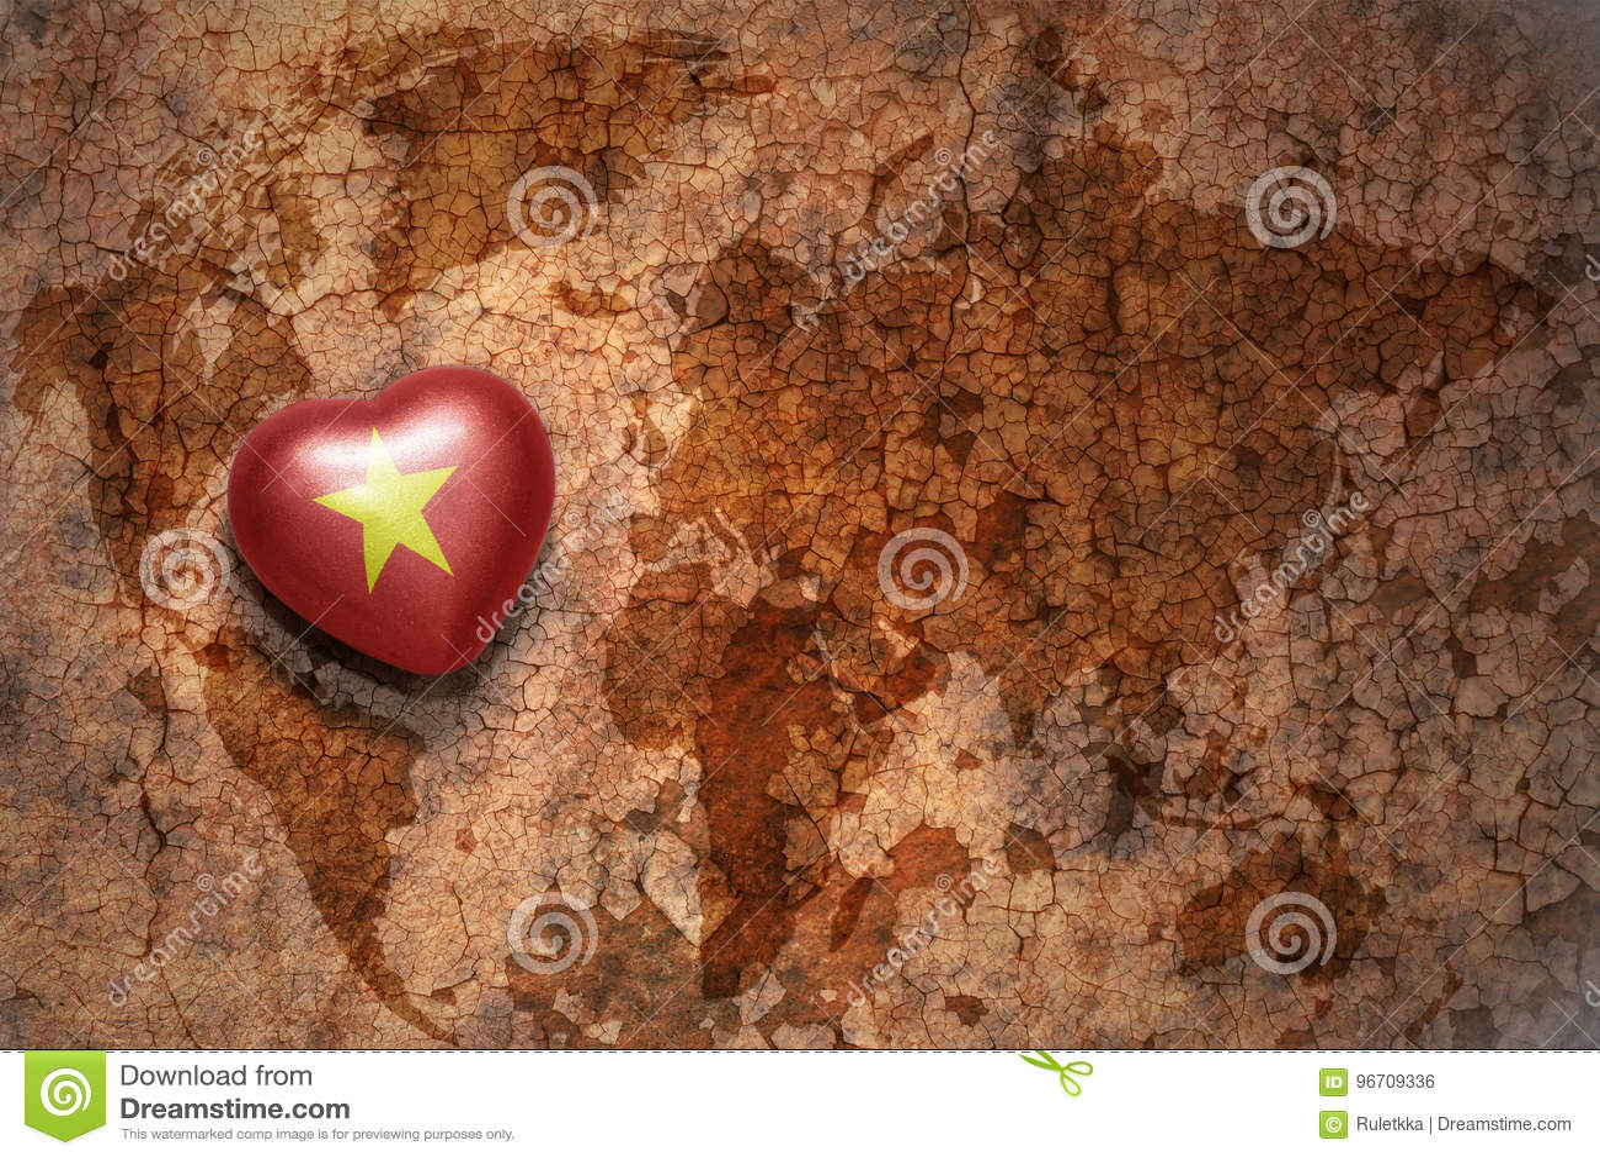 与越南的国旗的心脏葡萄酒世界地图裂缝纸背景的